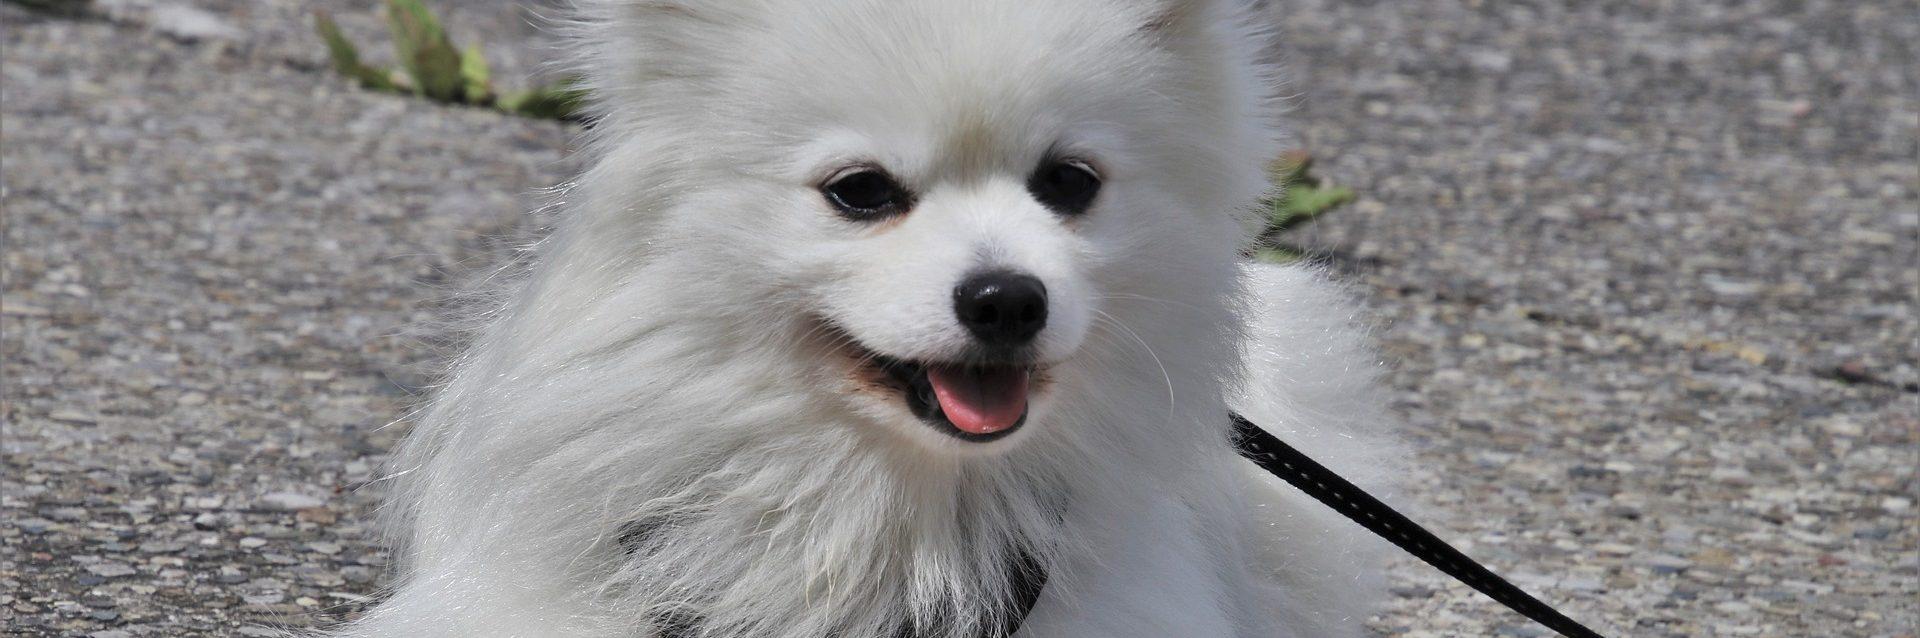 El hombre del perrito es un relato de Marcos y Laura escrito por Miguel Rodríguez Echeandía para su blog personal.